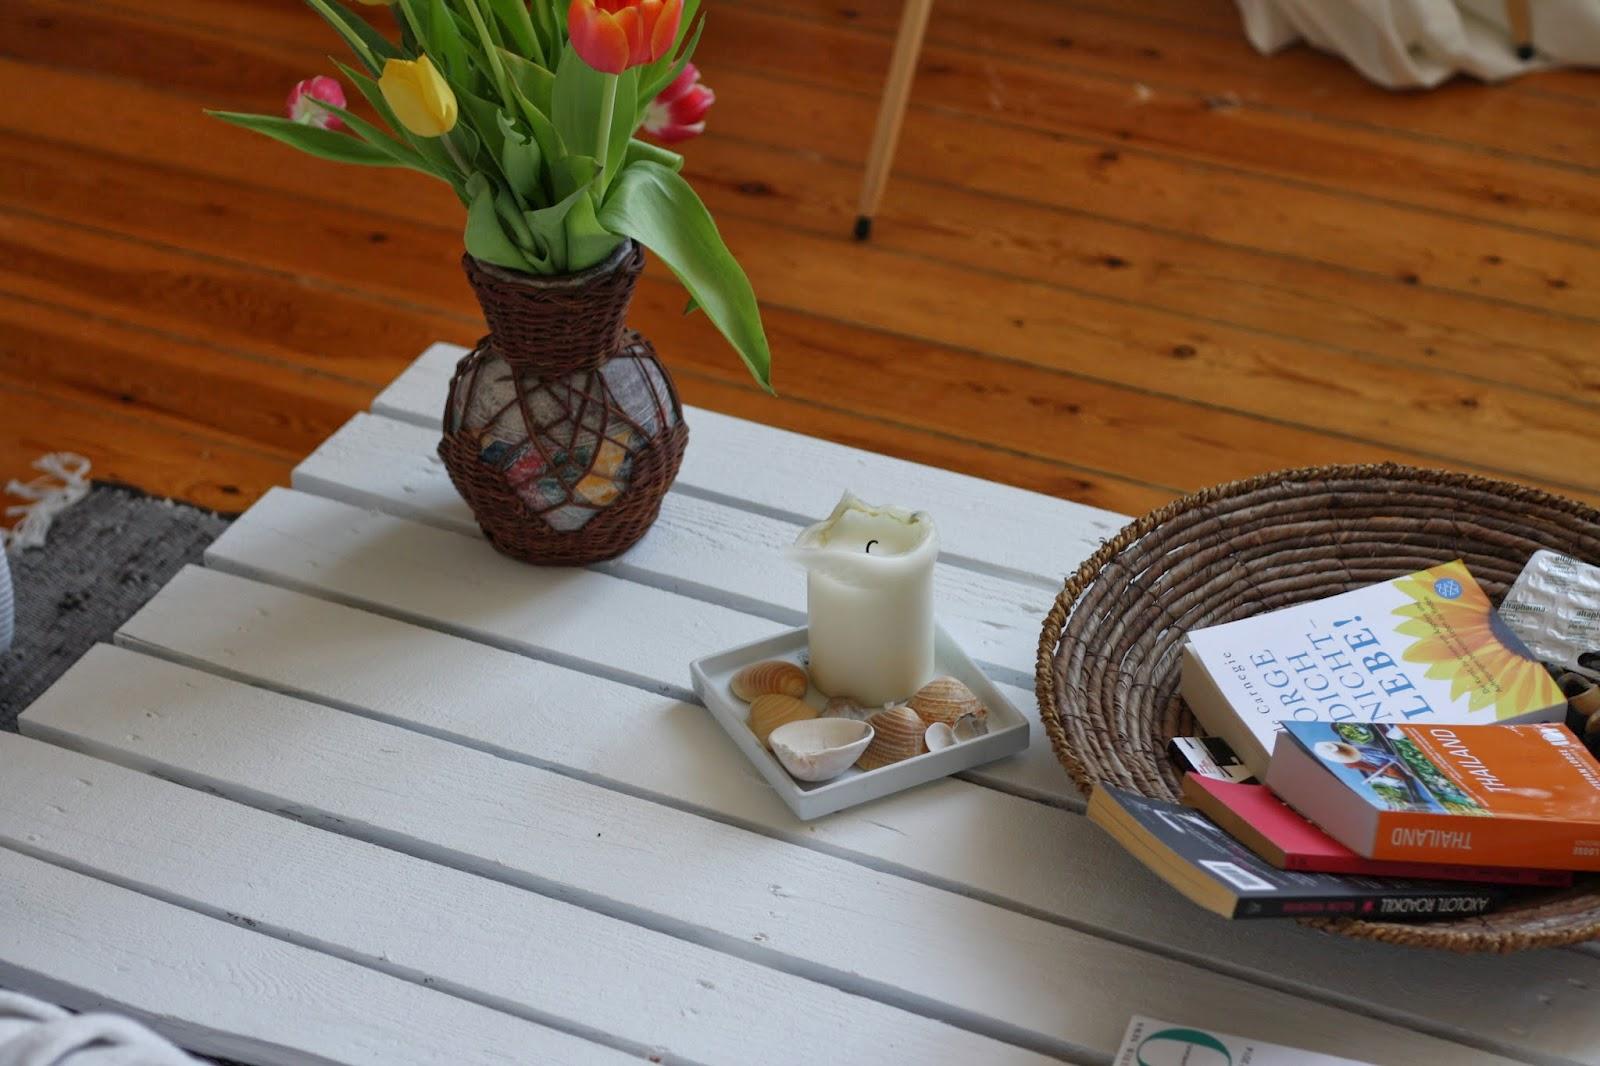 paletten couchtisch fashion und interior blog aus kiel und stuttgart. Black Bedroom Furniture Sets. Home Design Ideas